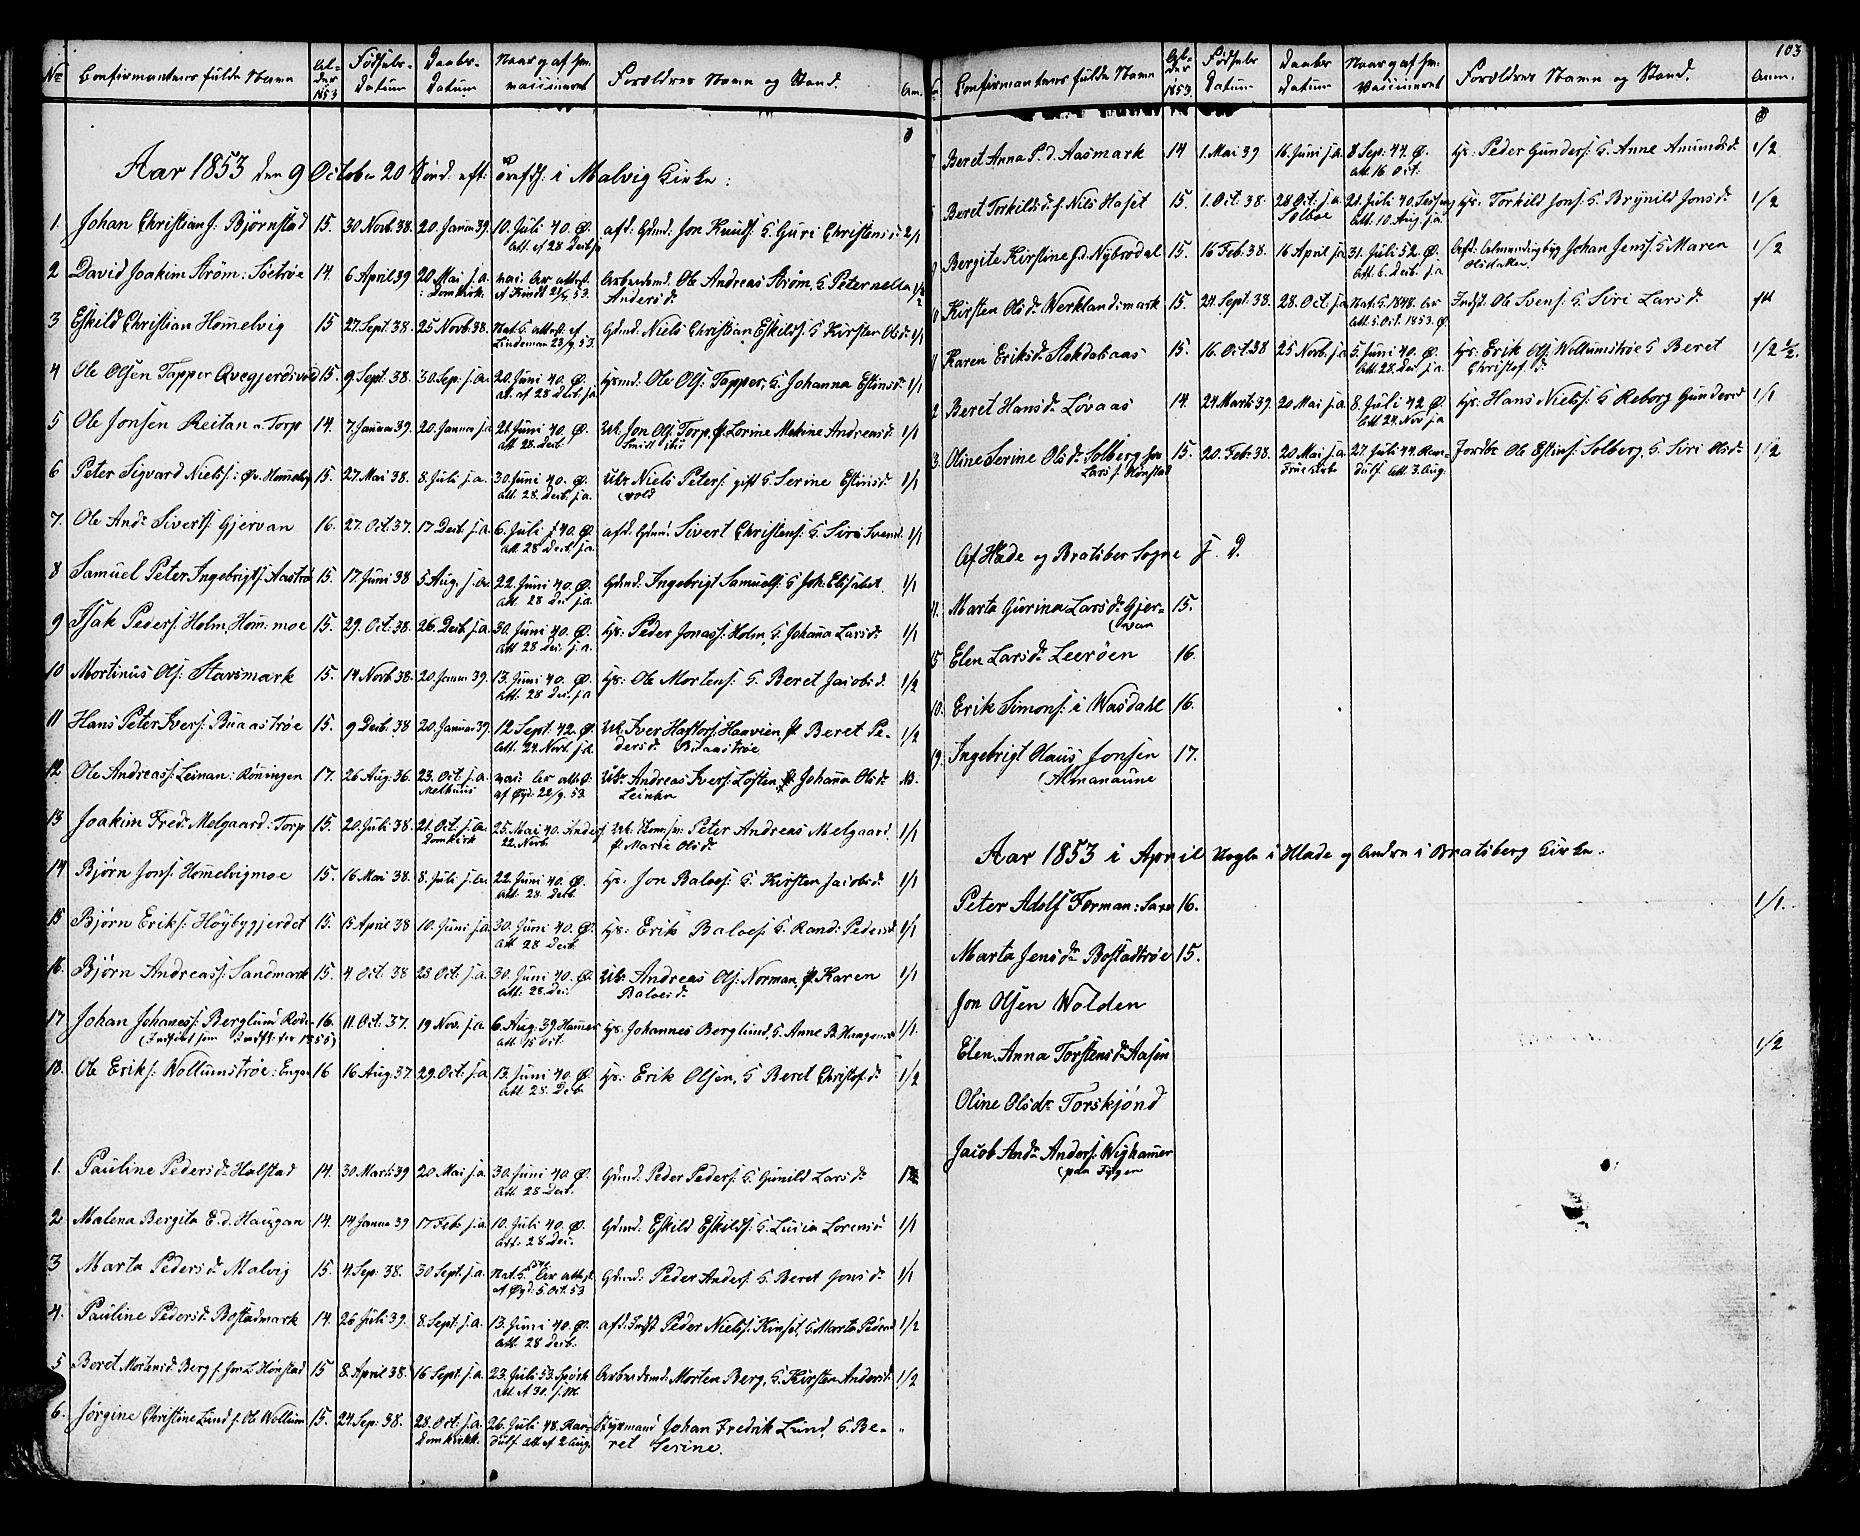 SAT, Ministerialprotokoller, klokkerbøker og fødselsregistre - Sør-Trøndelag, 616/L0422: Klokkerbok nr. 616C05, 1850-1888, s. 103